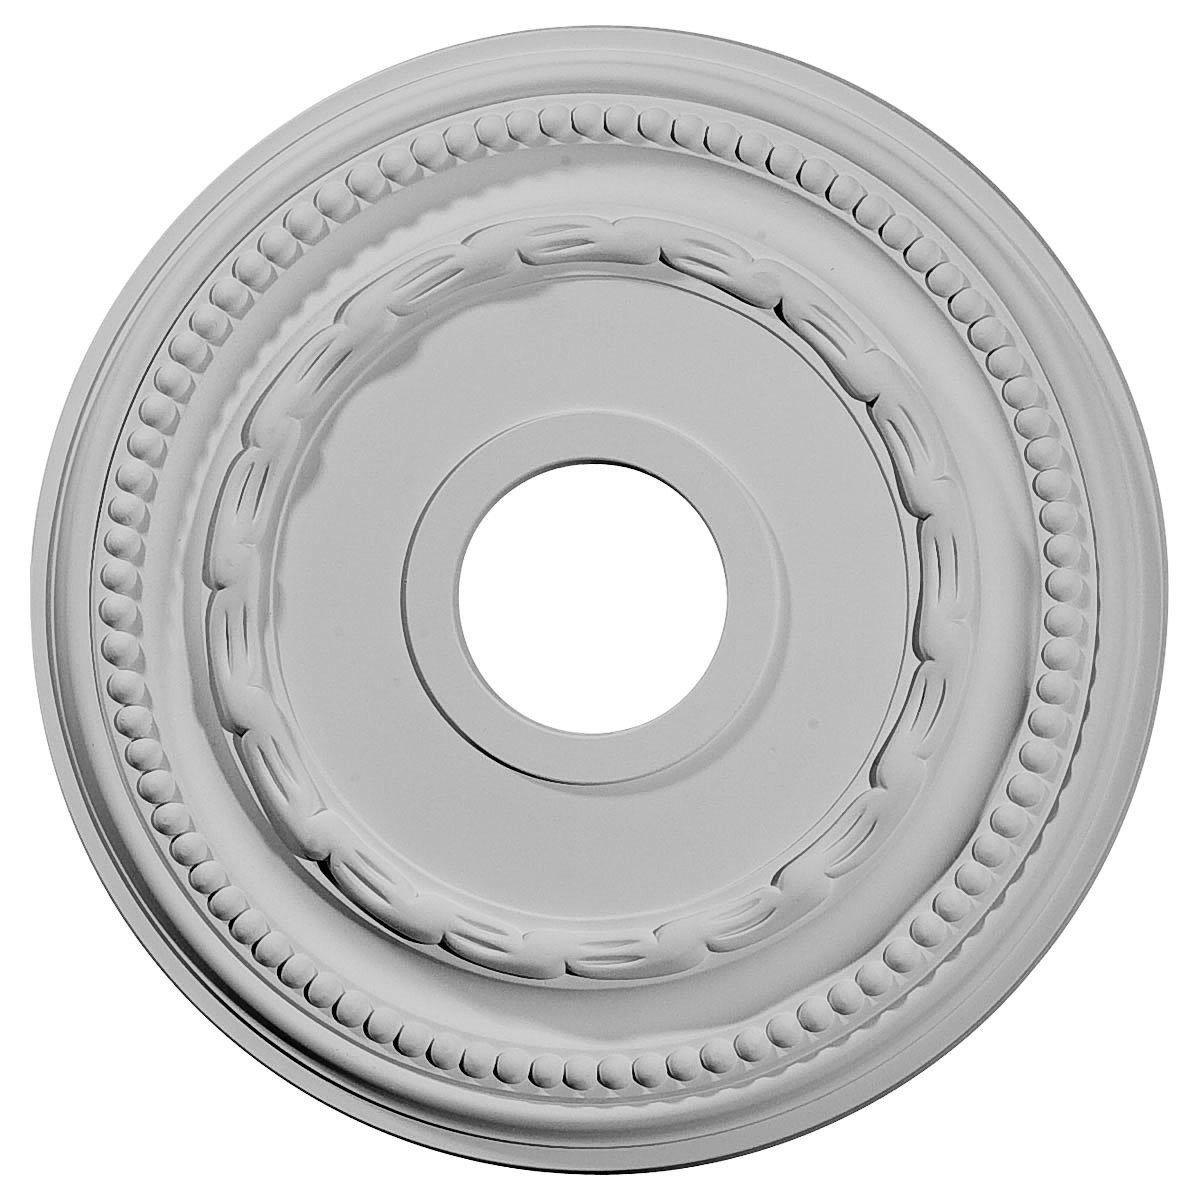 Ekena Millwork CM15FE 15 3/8-Inch OD x 3 5/8-Inch ID x 1-Inch Federal Ceiling Medallion